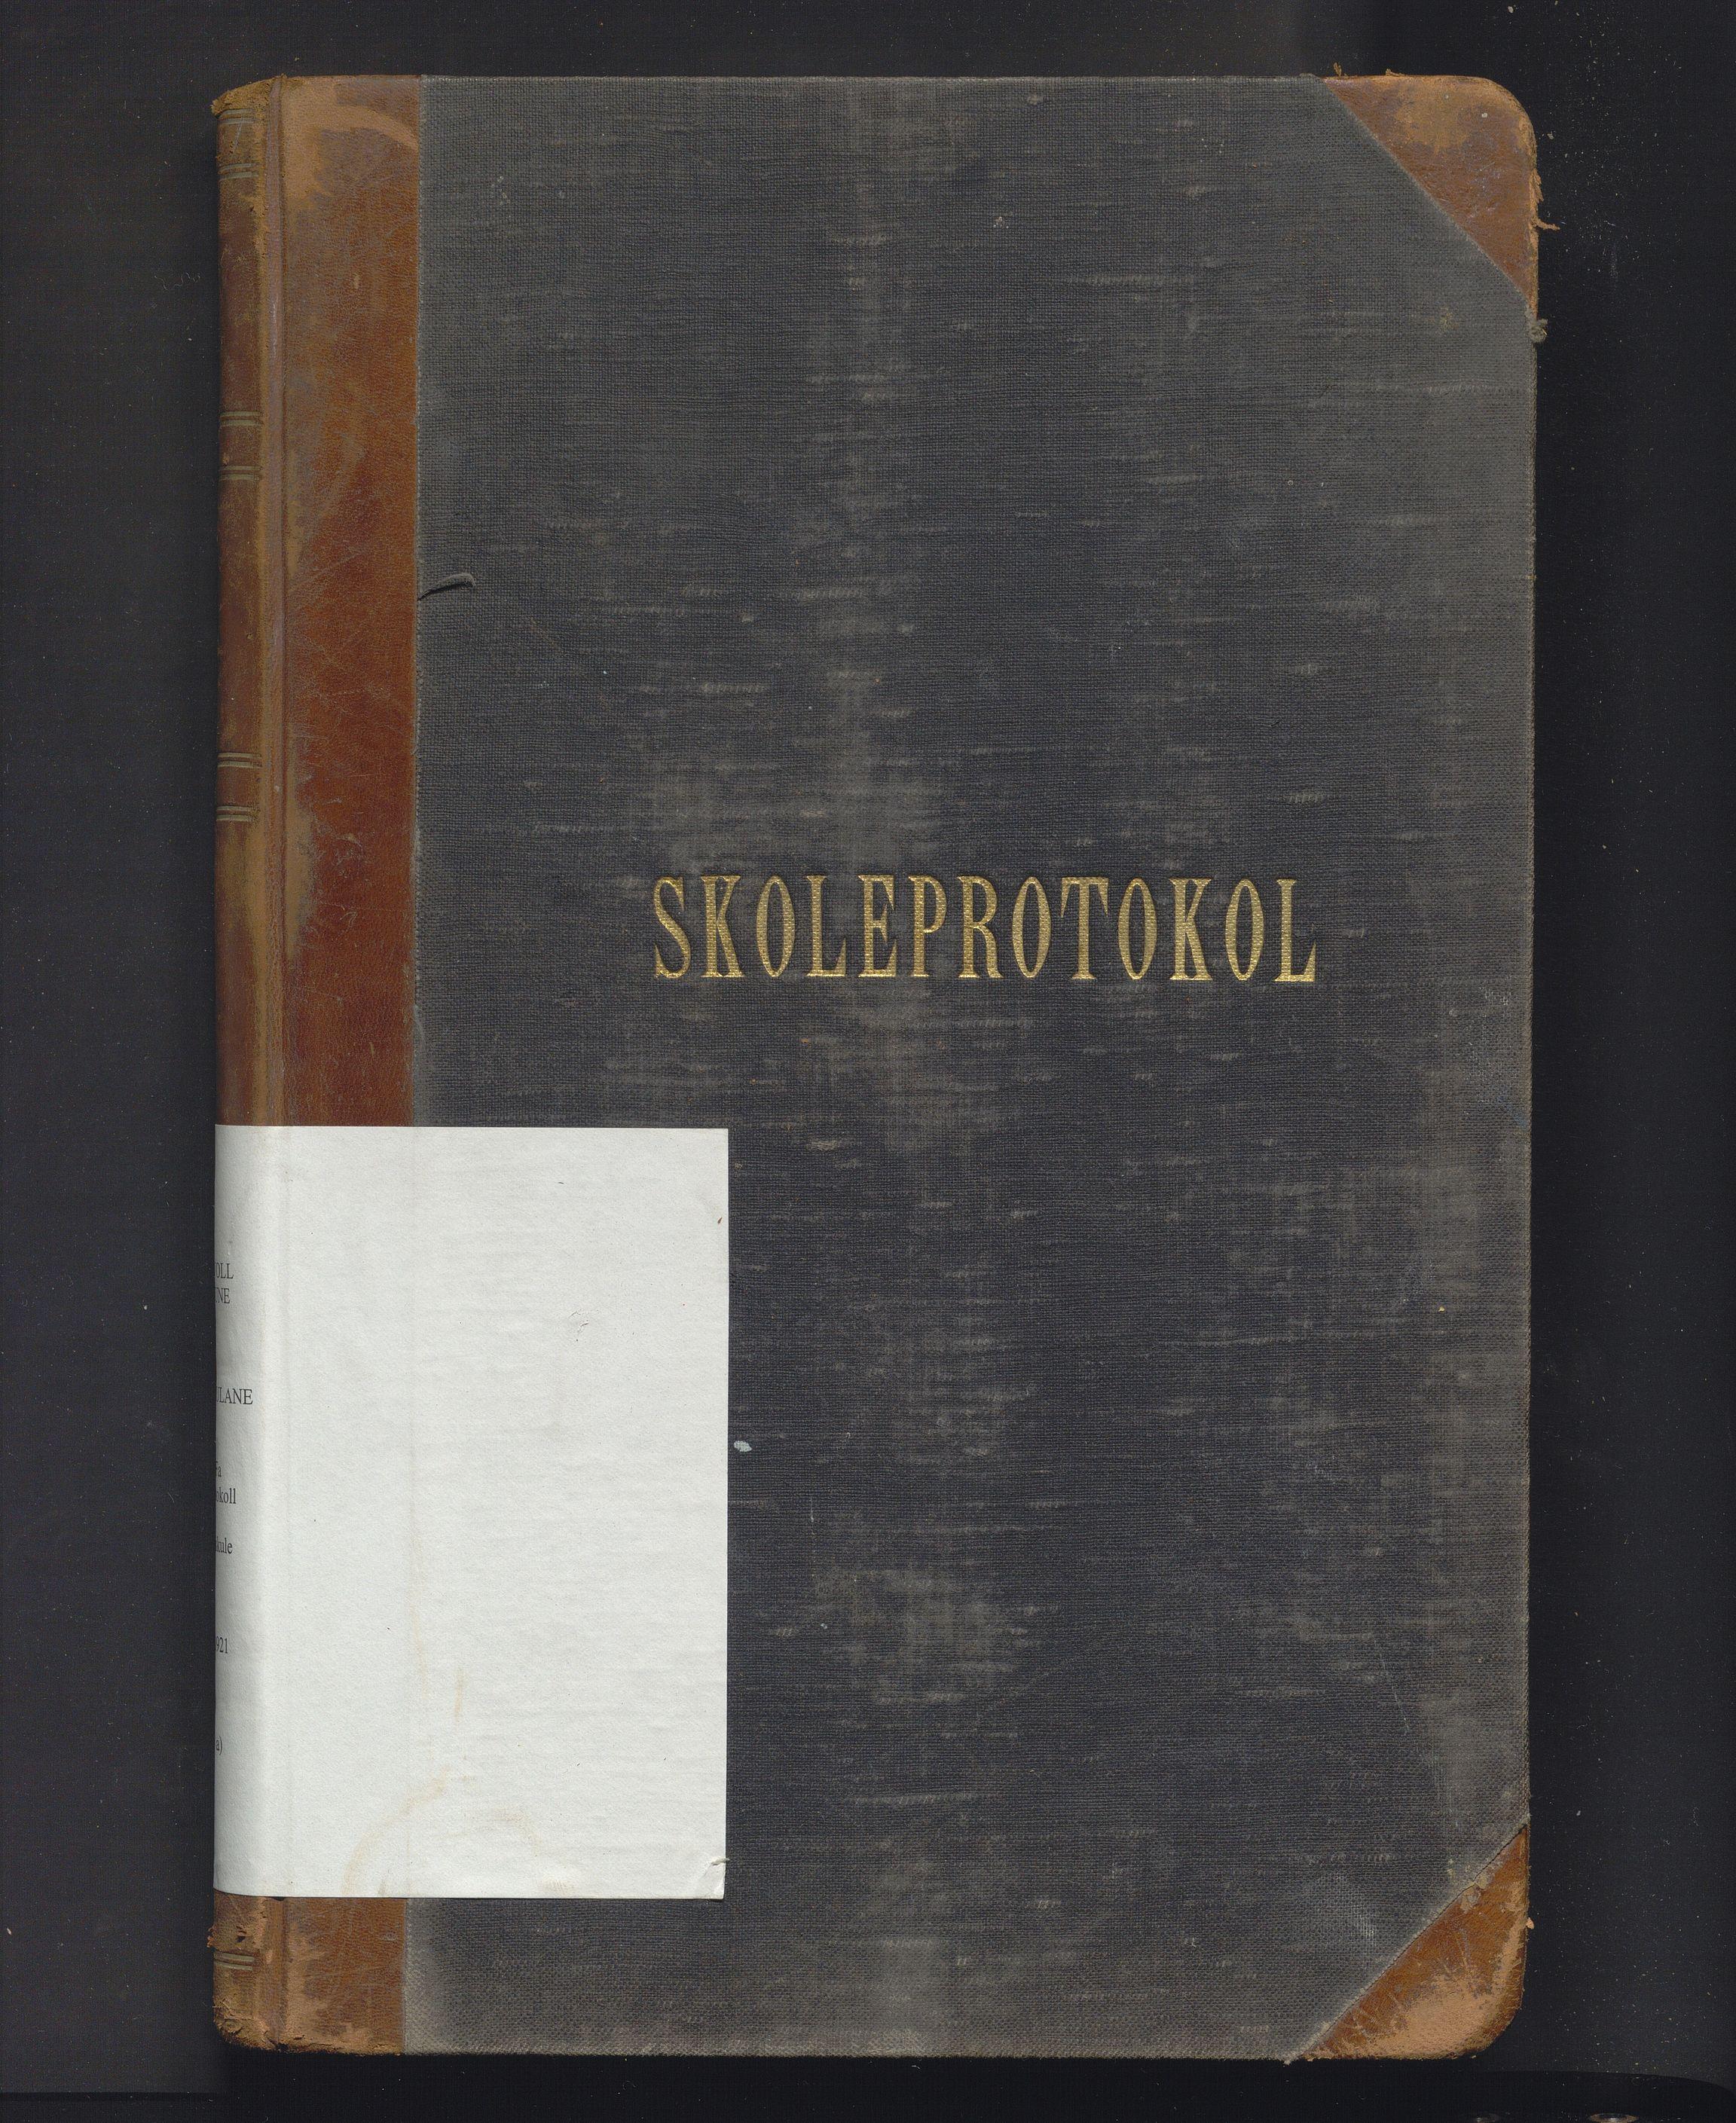 IKAH, Austevoll kommune. Barneskulane, F/Fa/L0011a: Skuleprotokoll for Storebø skule med dagbok, 1916-1921